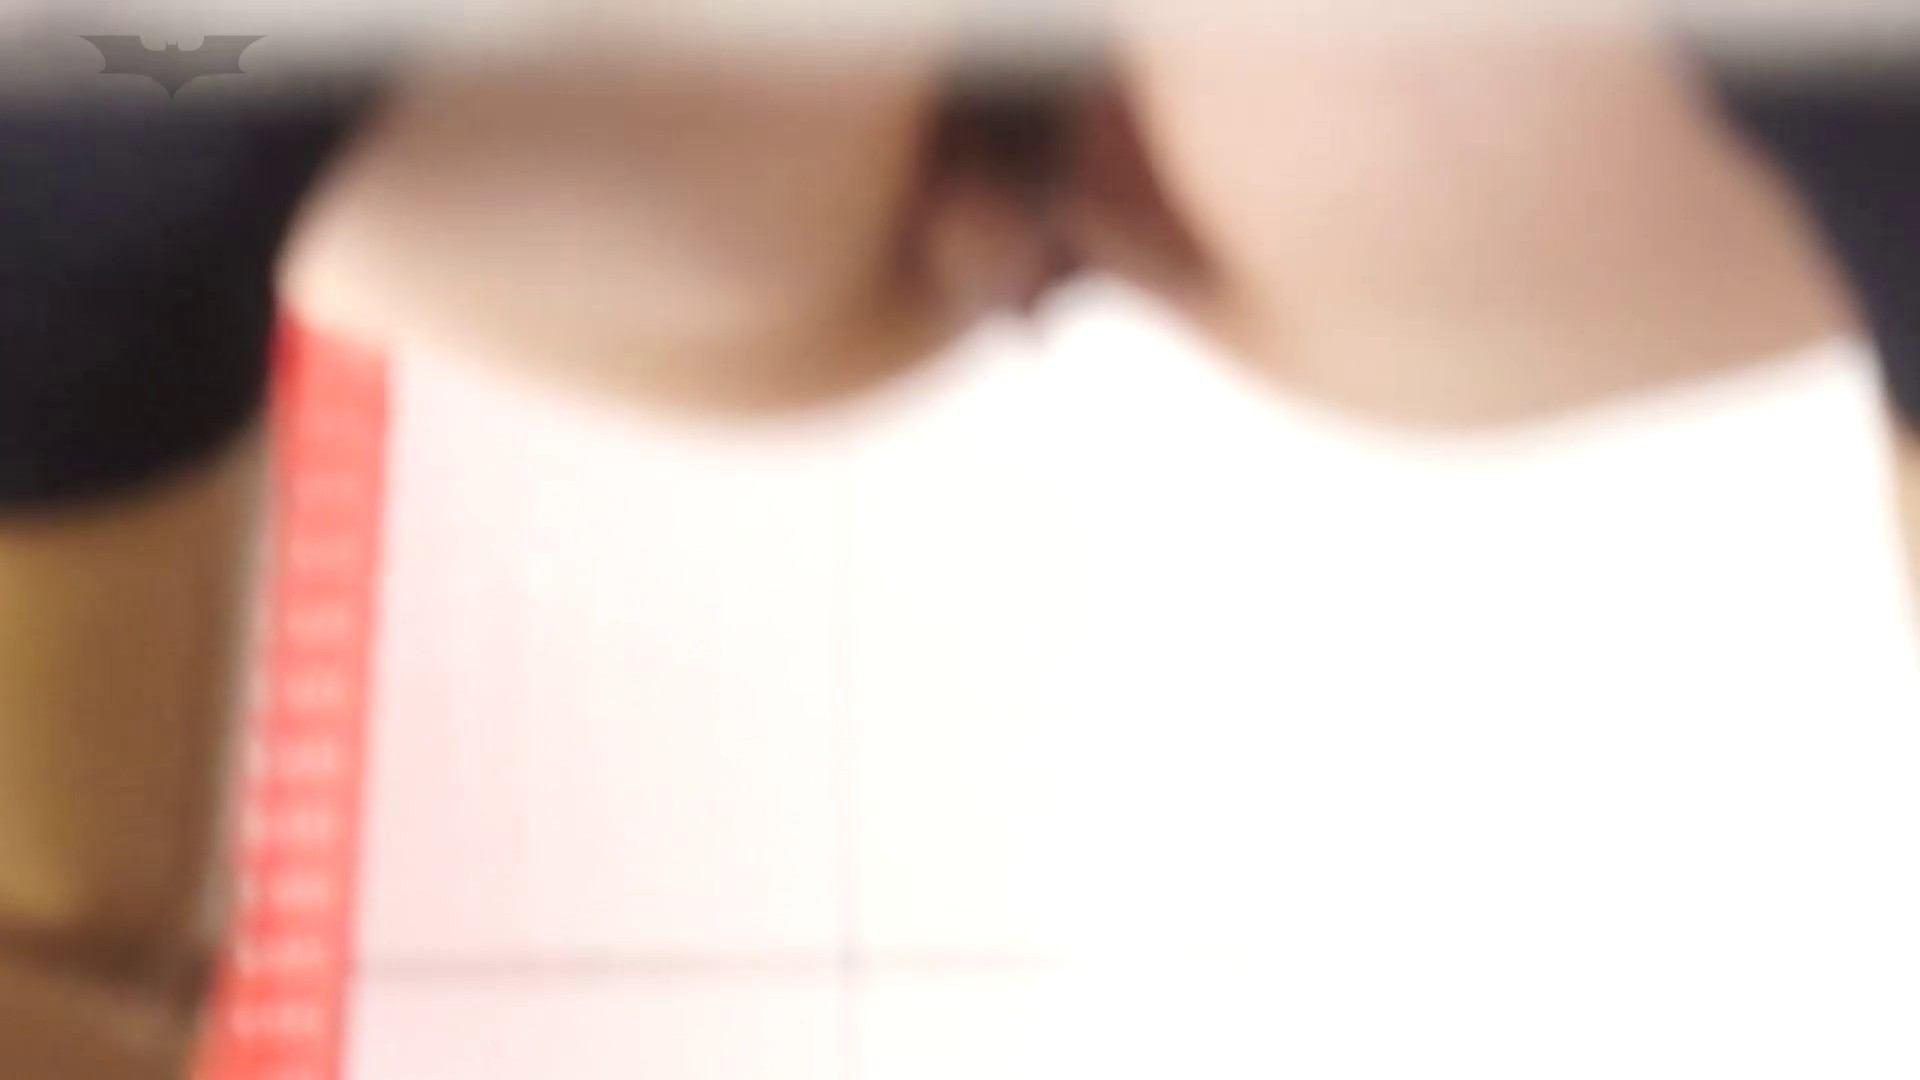 JD盗撮 美女の洗面所の秘密 Vol.20 洗面所 SEX無修正画像 94pic 4